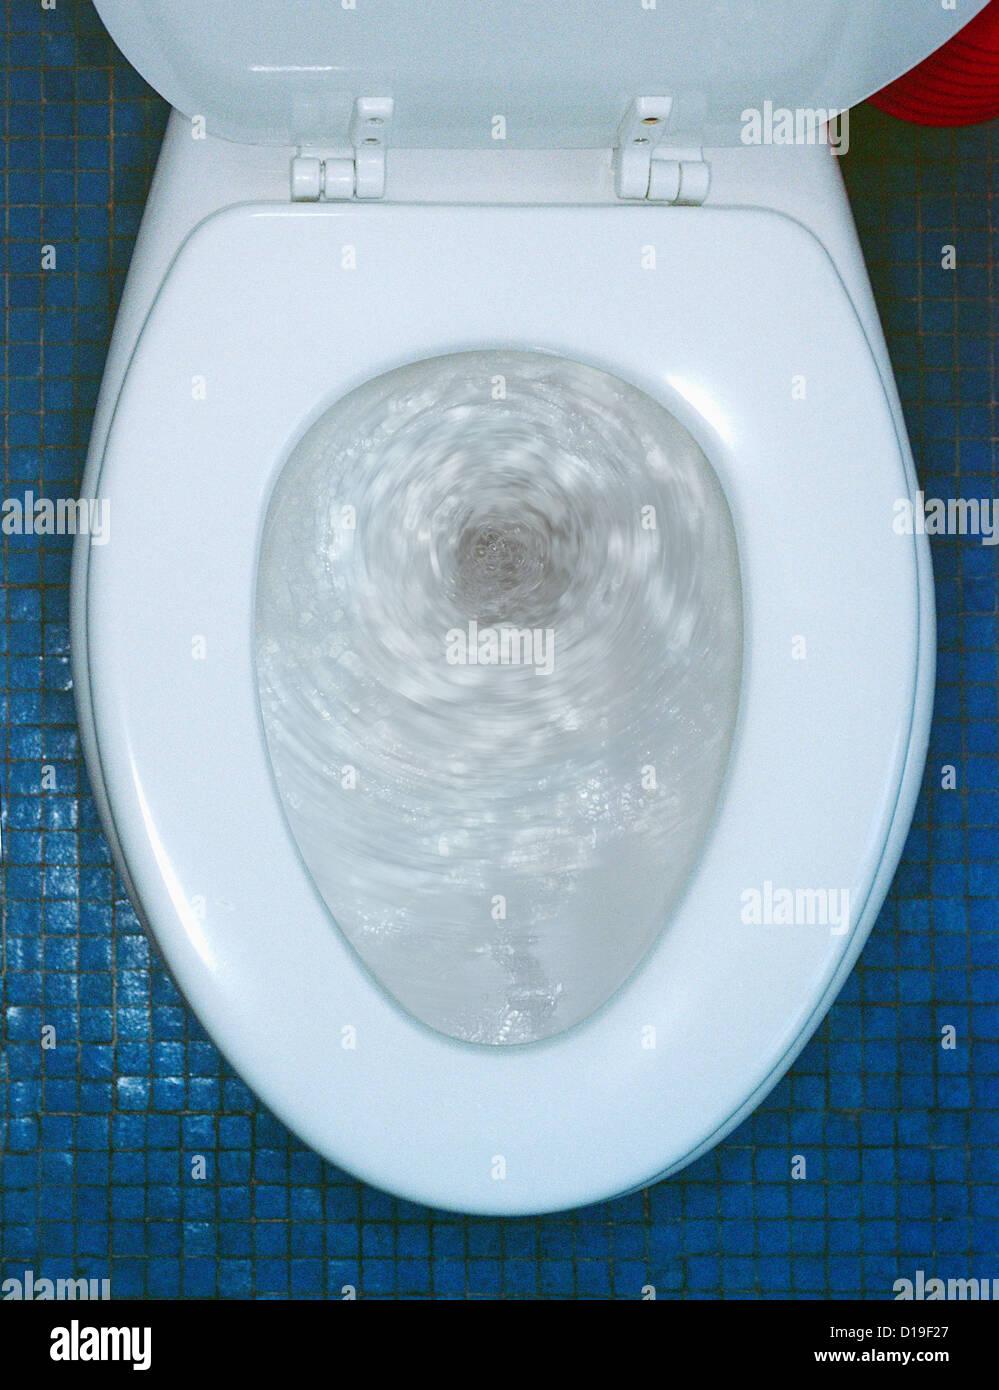 White Toilet Seat Stock Photos & White Toilet Seat Stock Images - Alamy